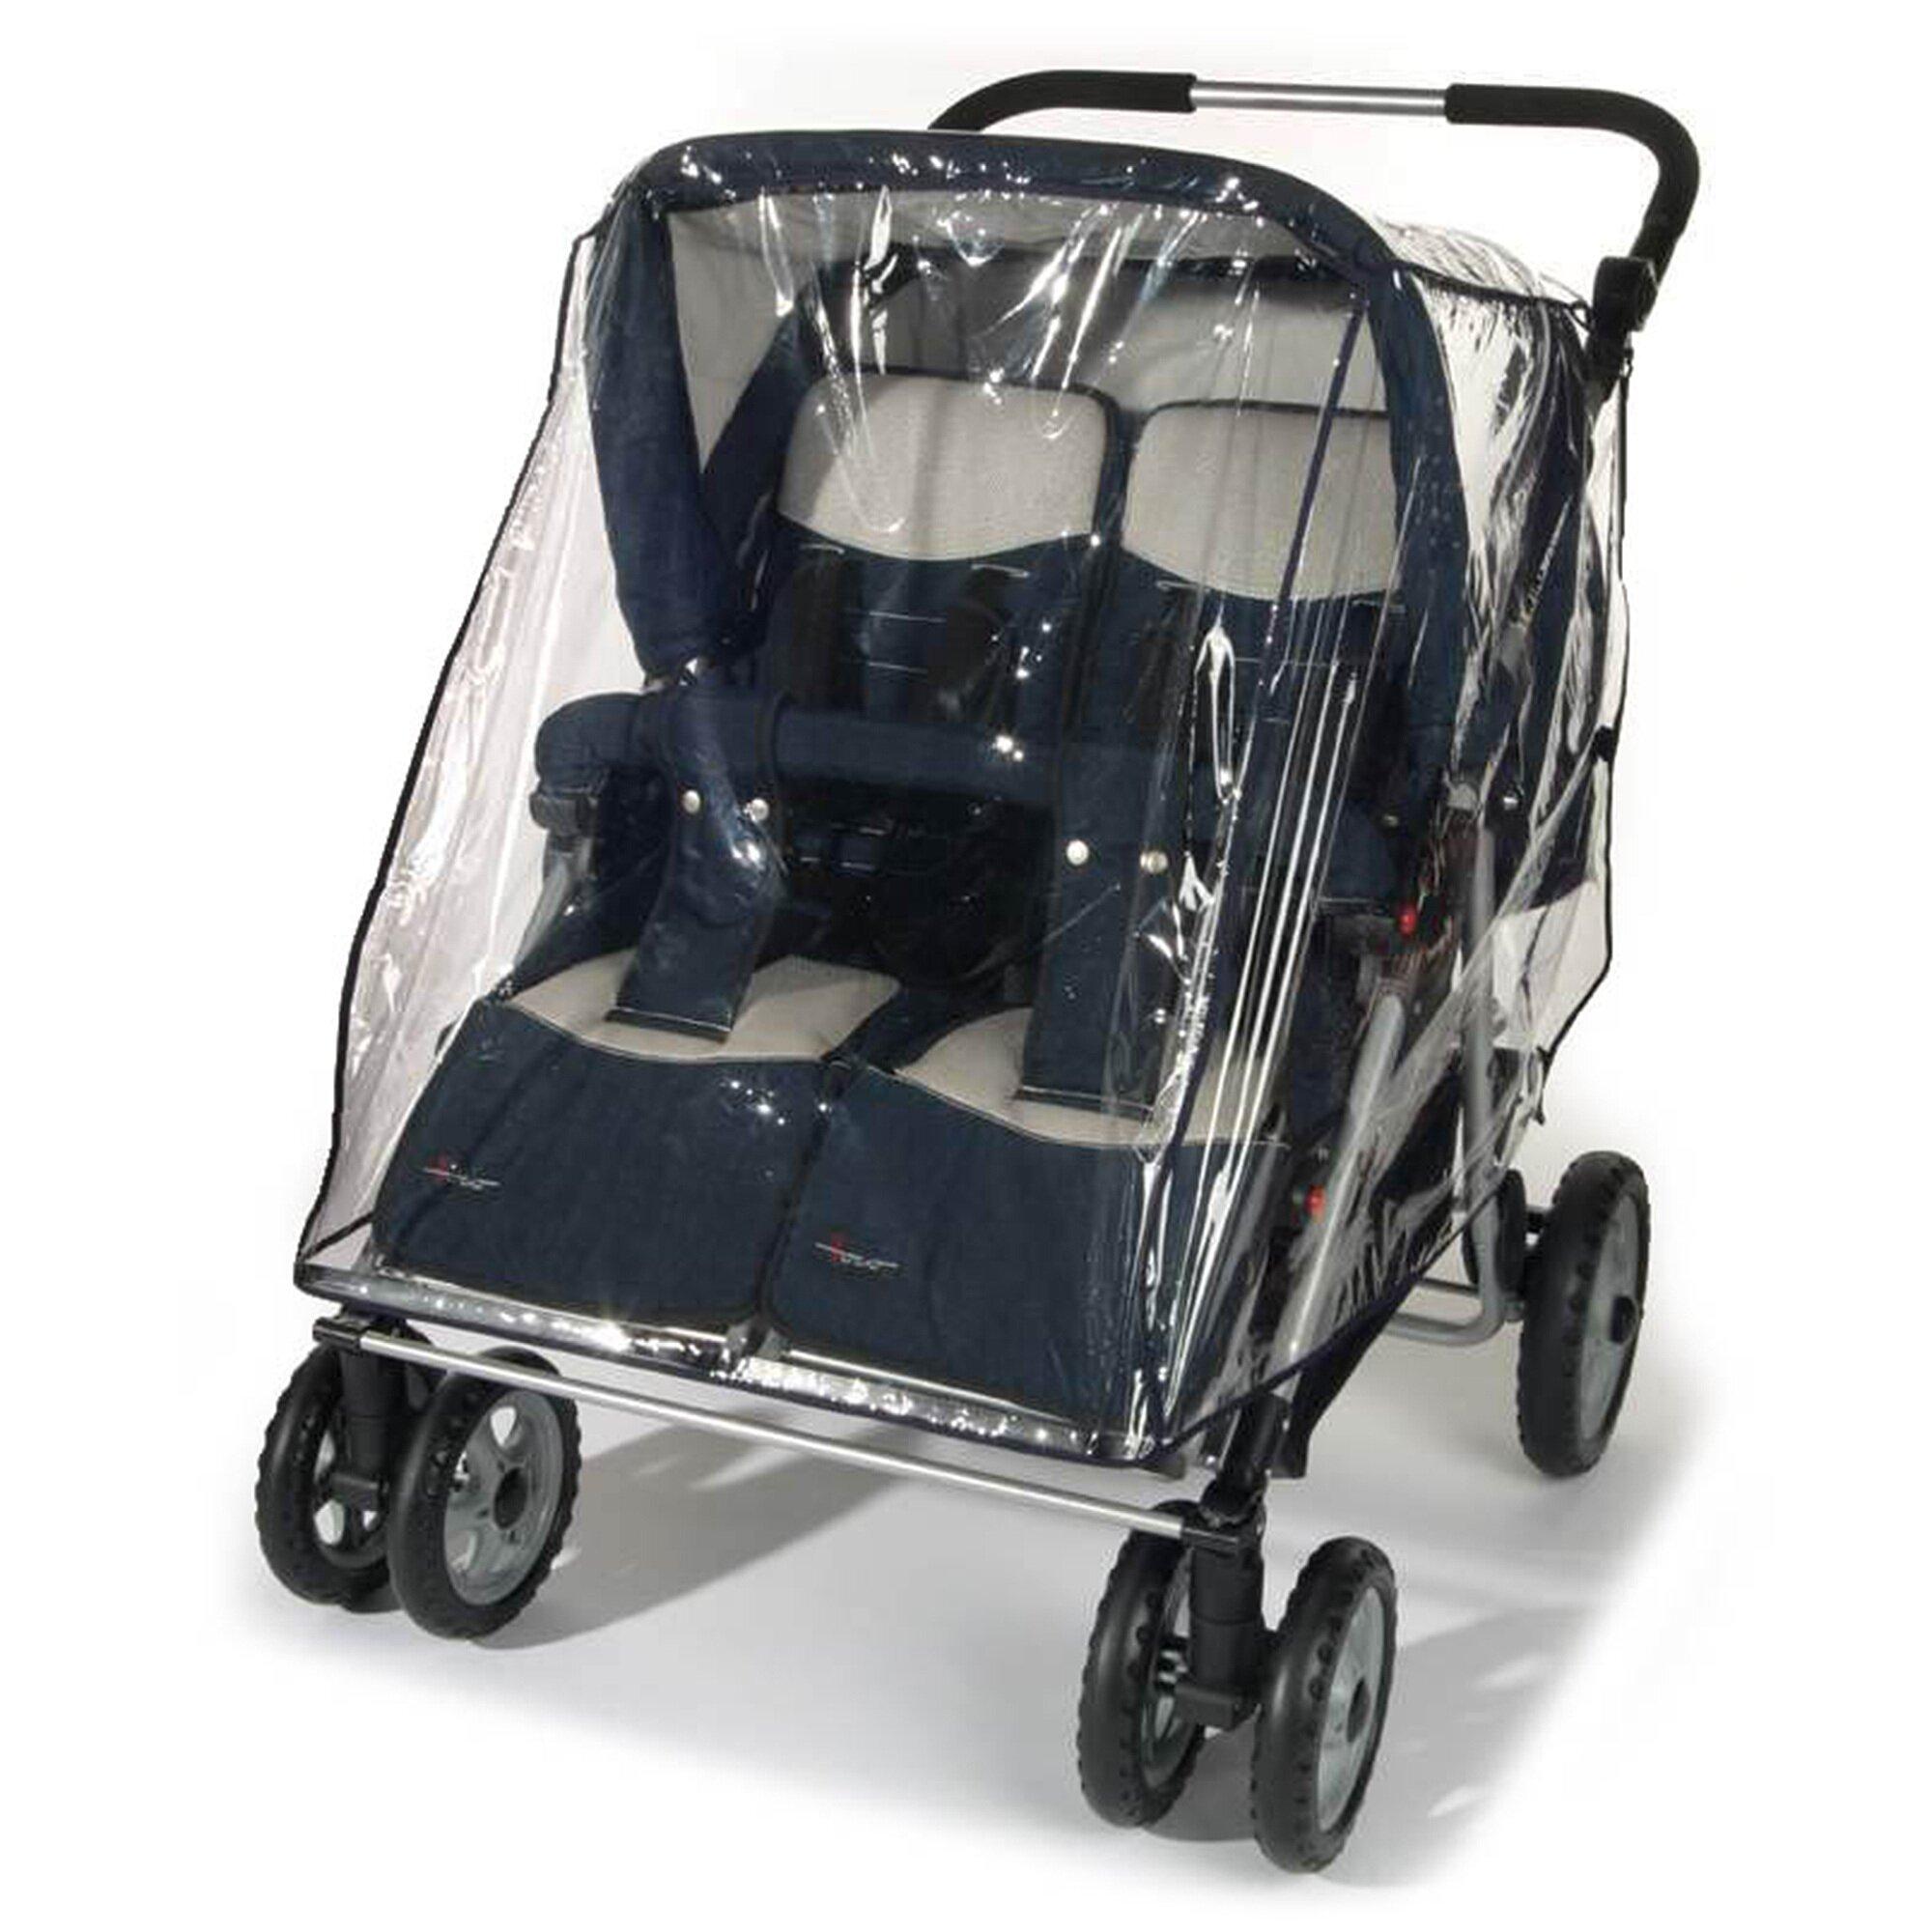 Reer Universal Regenschutz für Zwillingskinderwagen transparent